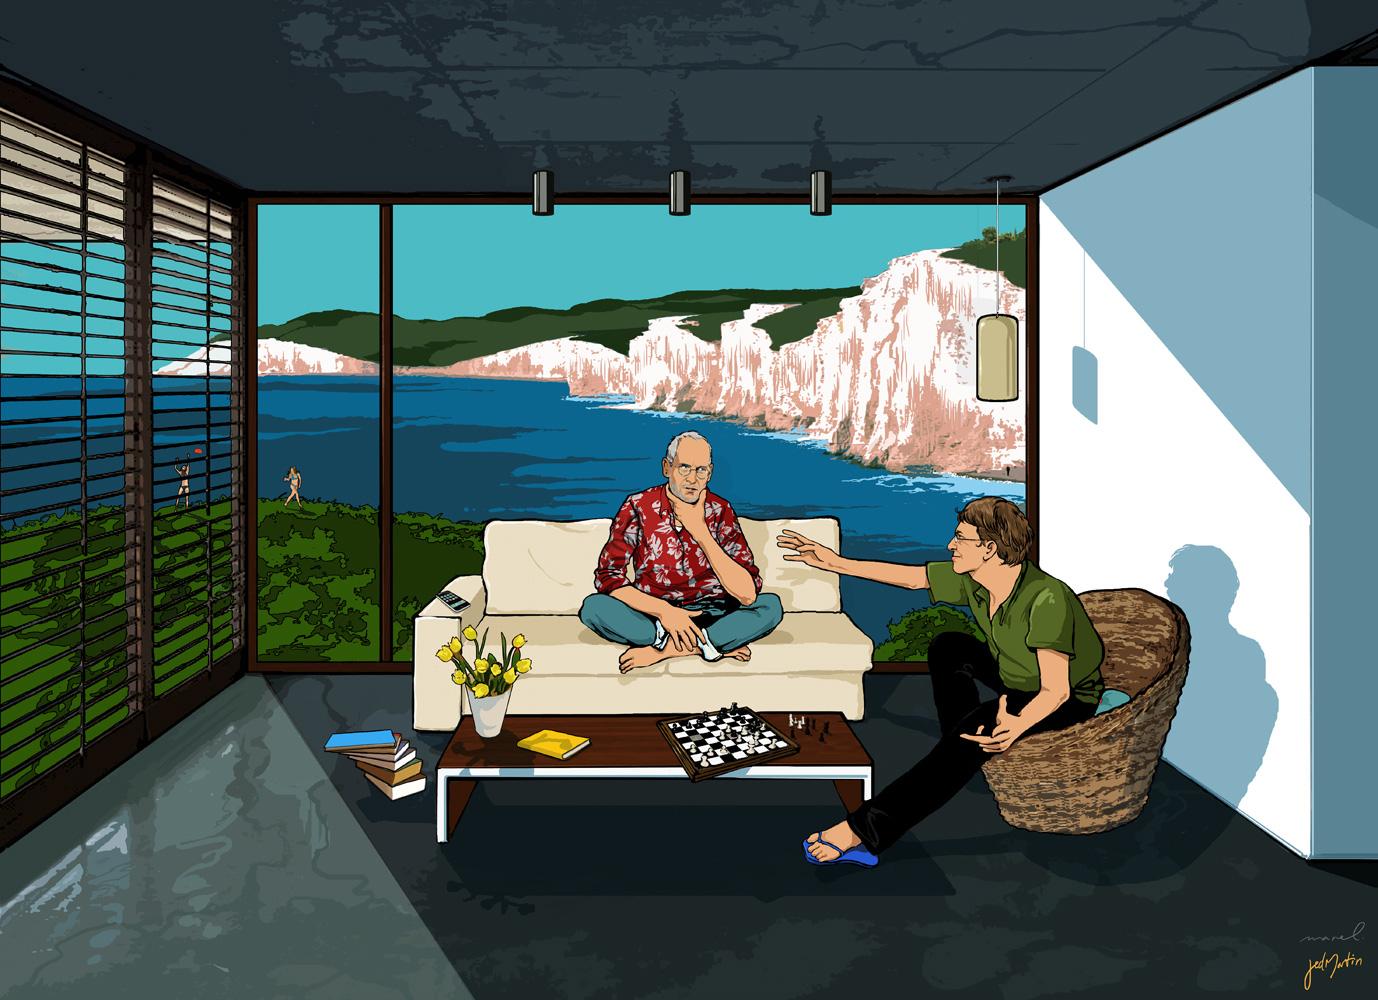 Steve Jobs e Bill Gates de férias em Palo Alto (pelo menos nas ilustrações de Stephane Manel)